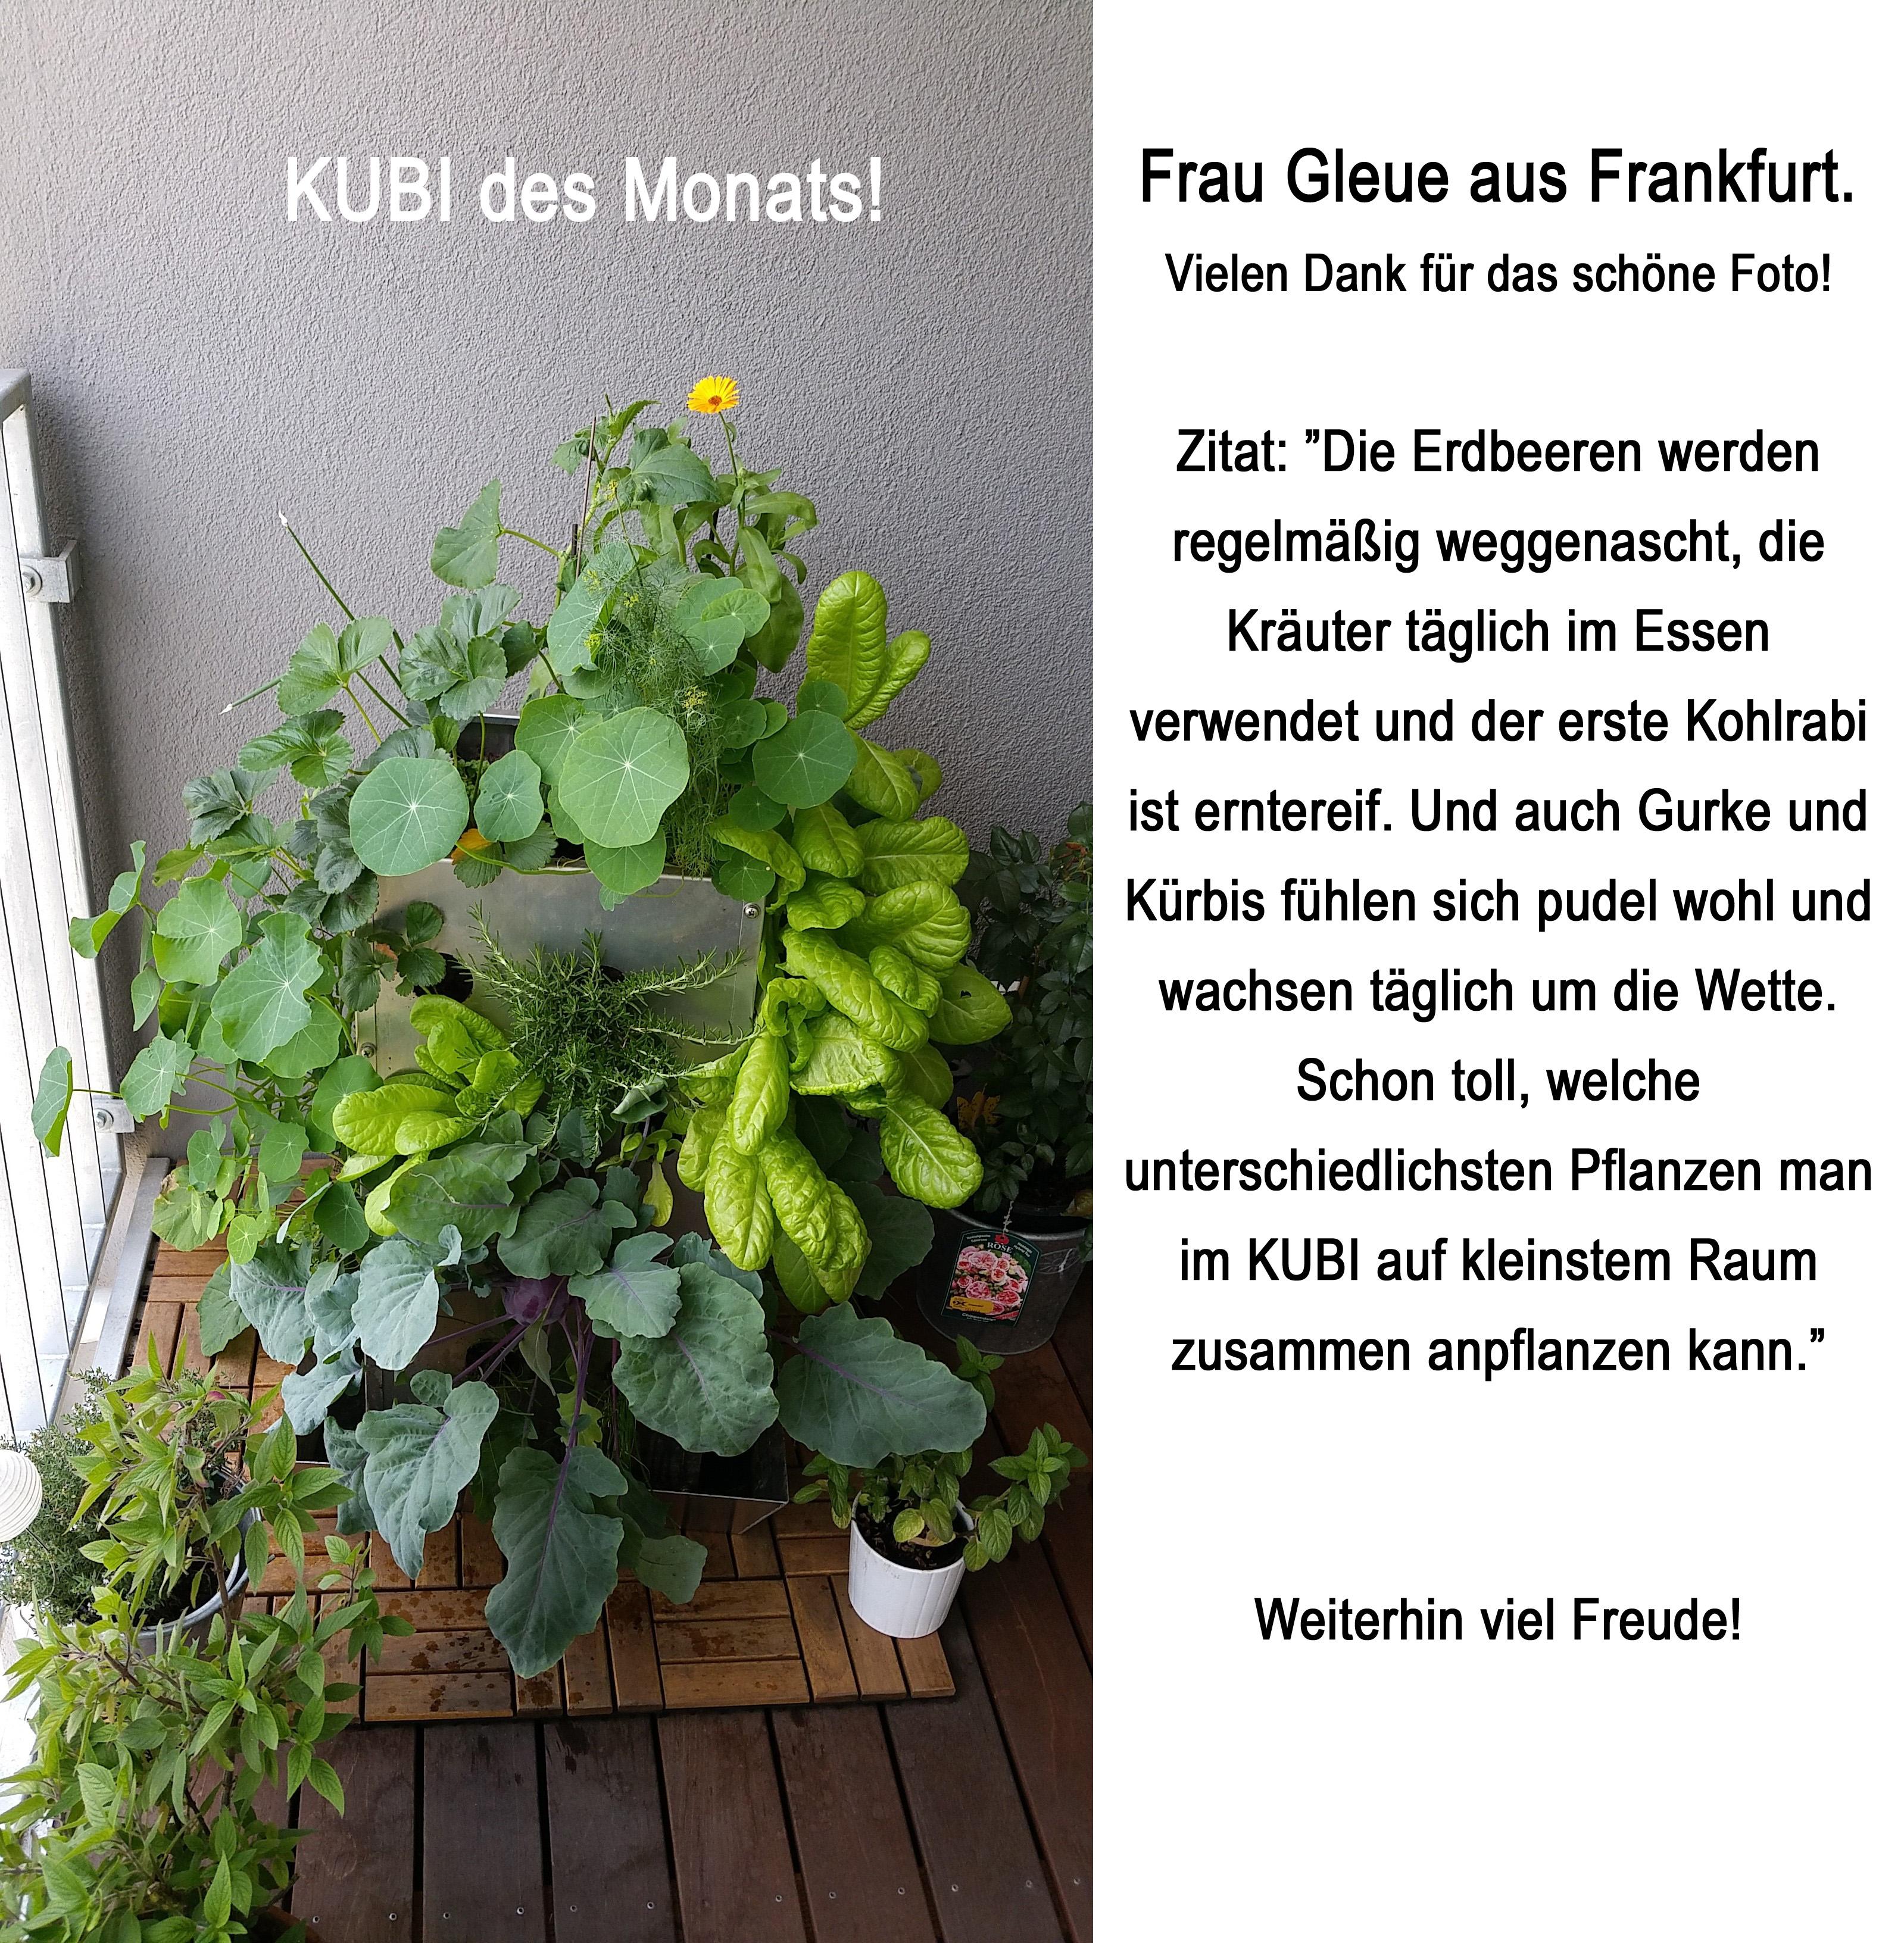 2015-06 KUBI des Monats Gleue Frankfurt